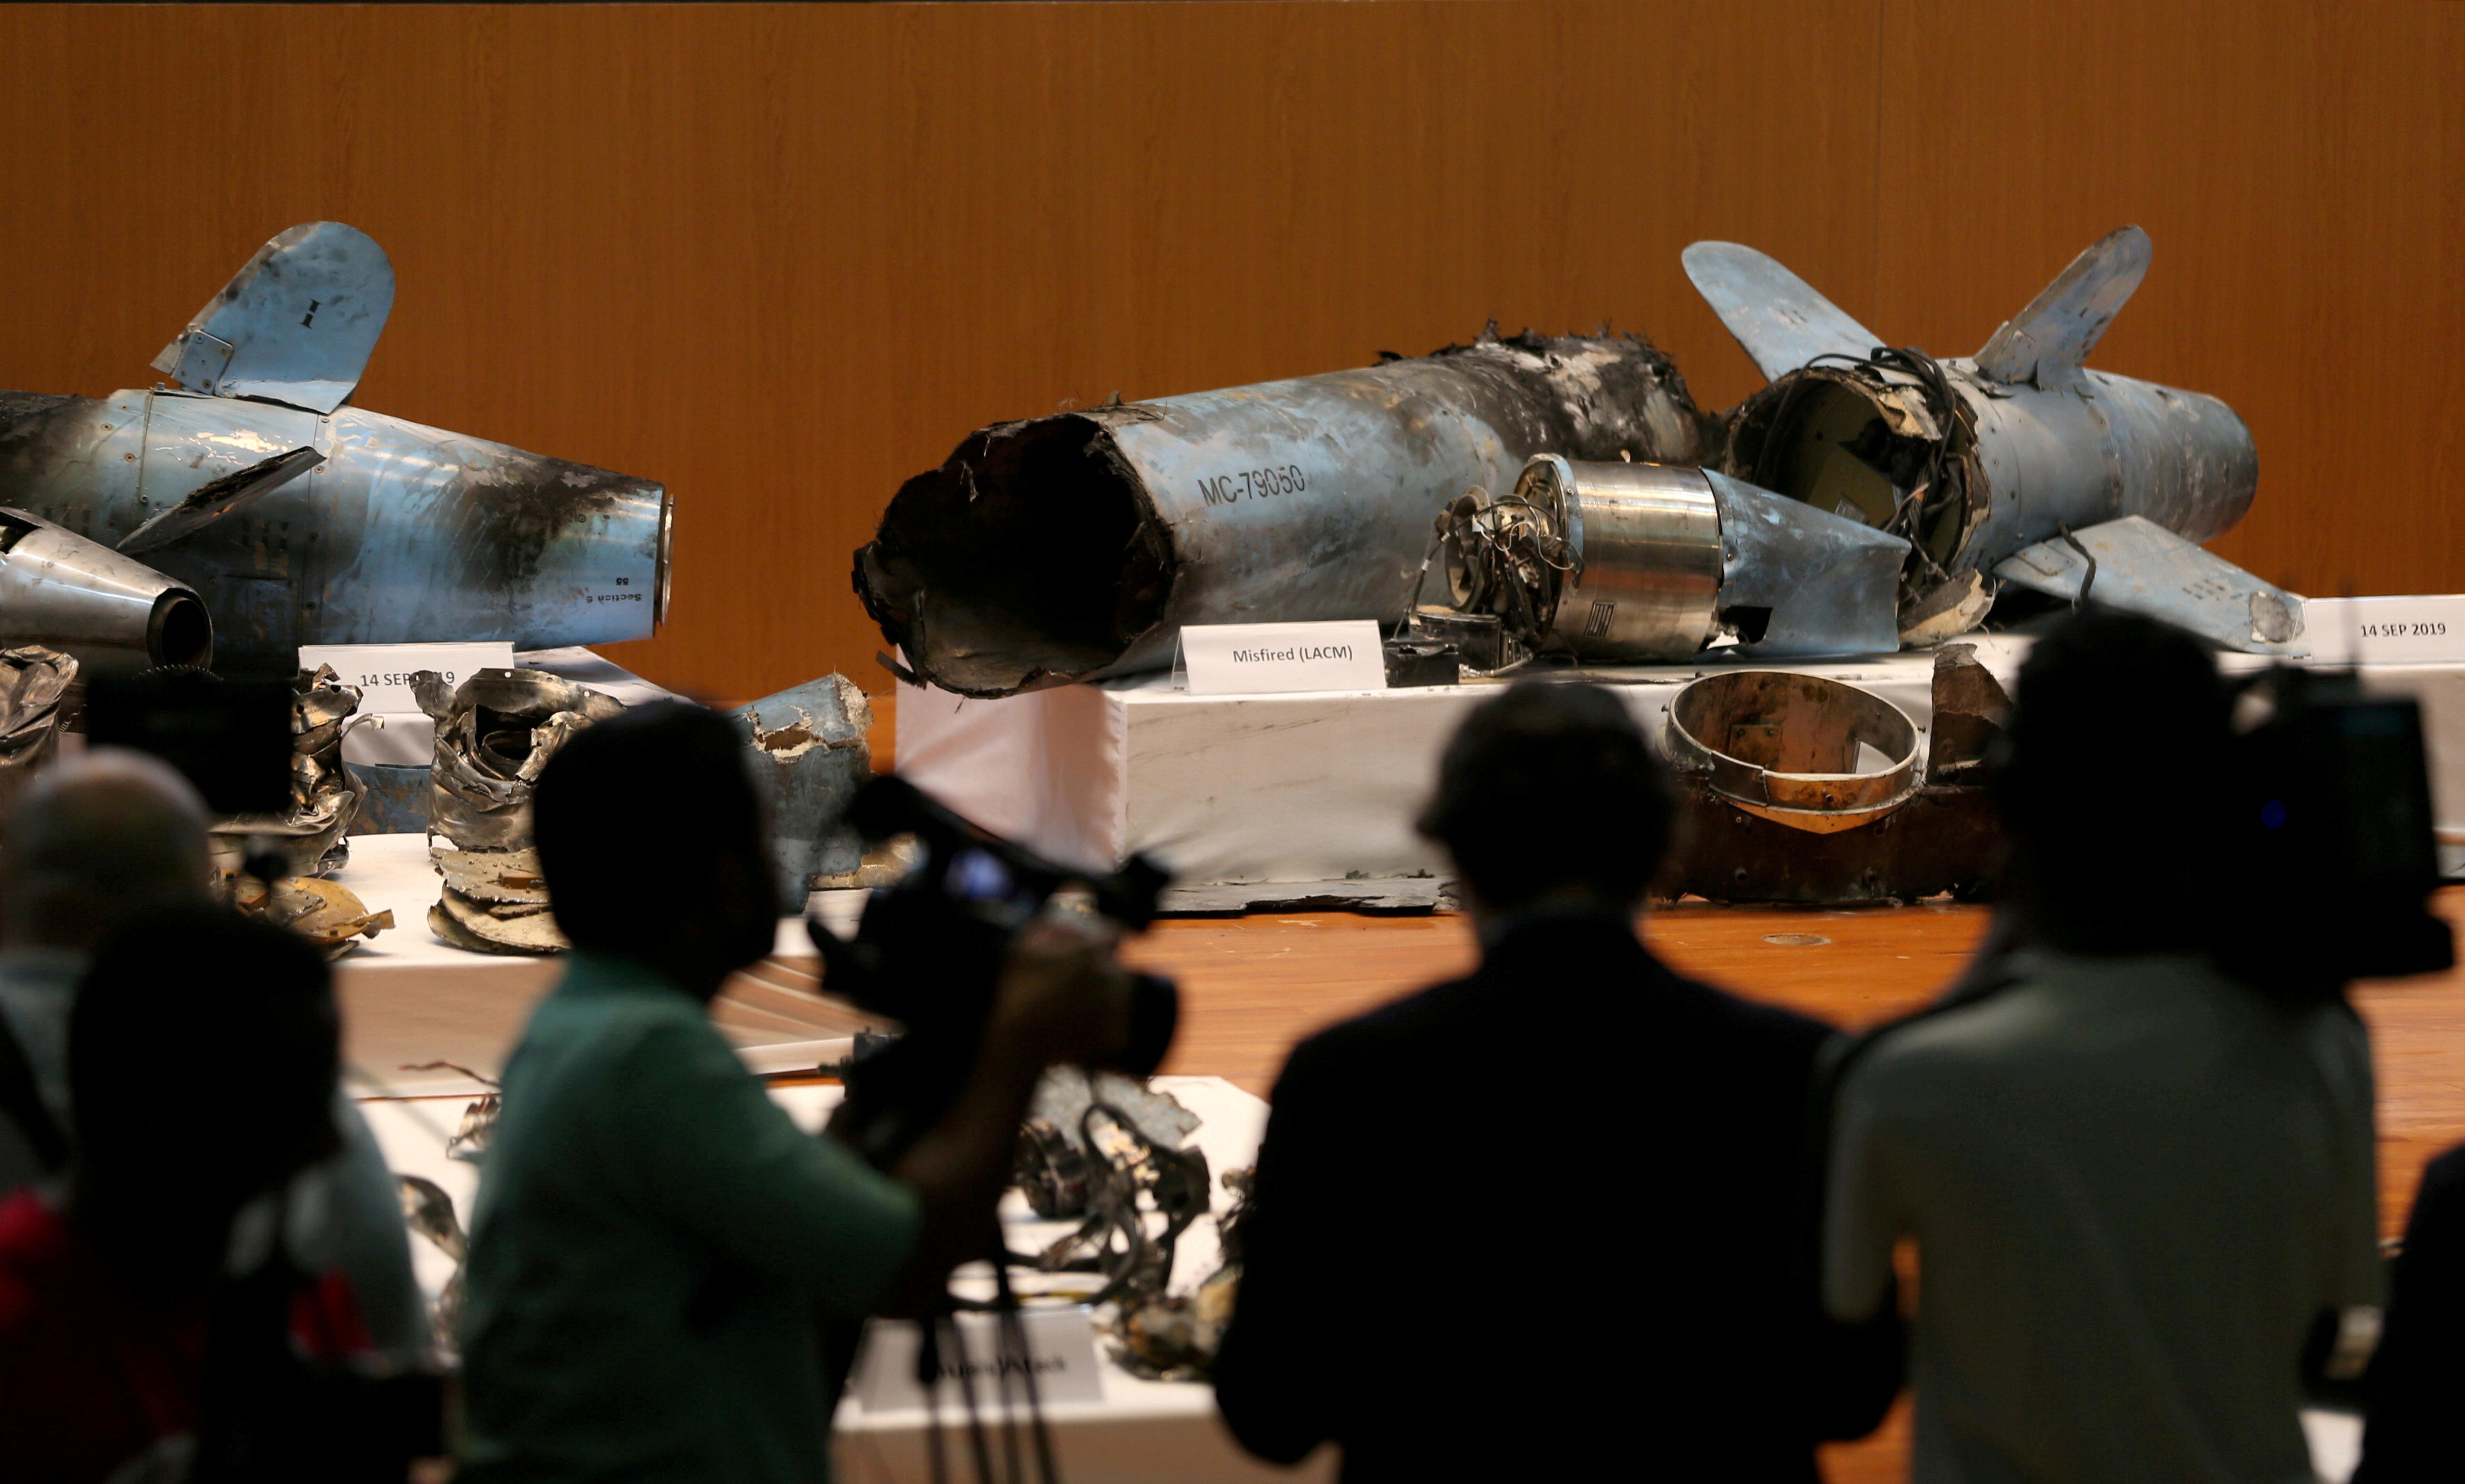 aramco-missiles-drones-attaque-petrole-raffinerie-arabie-saoudite